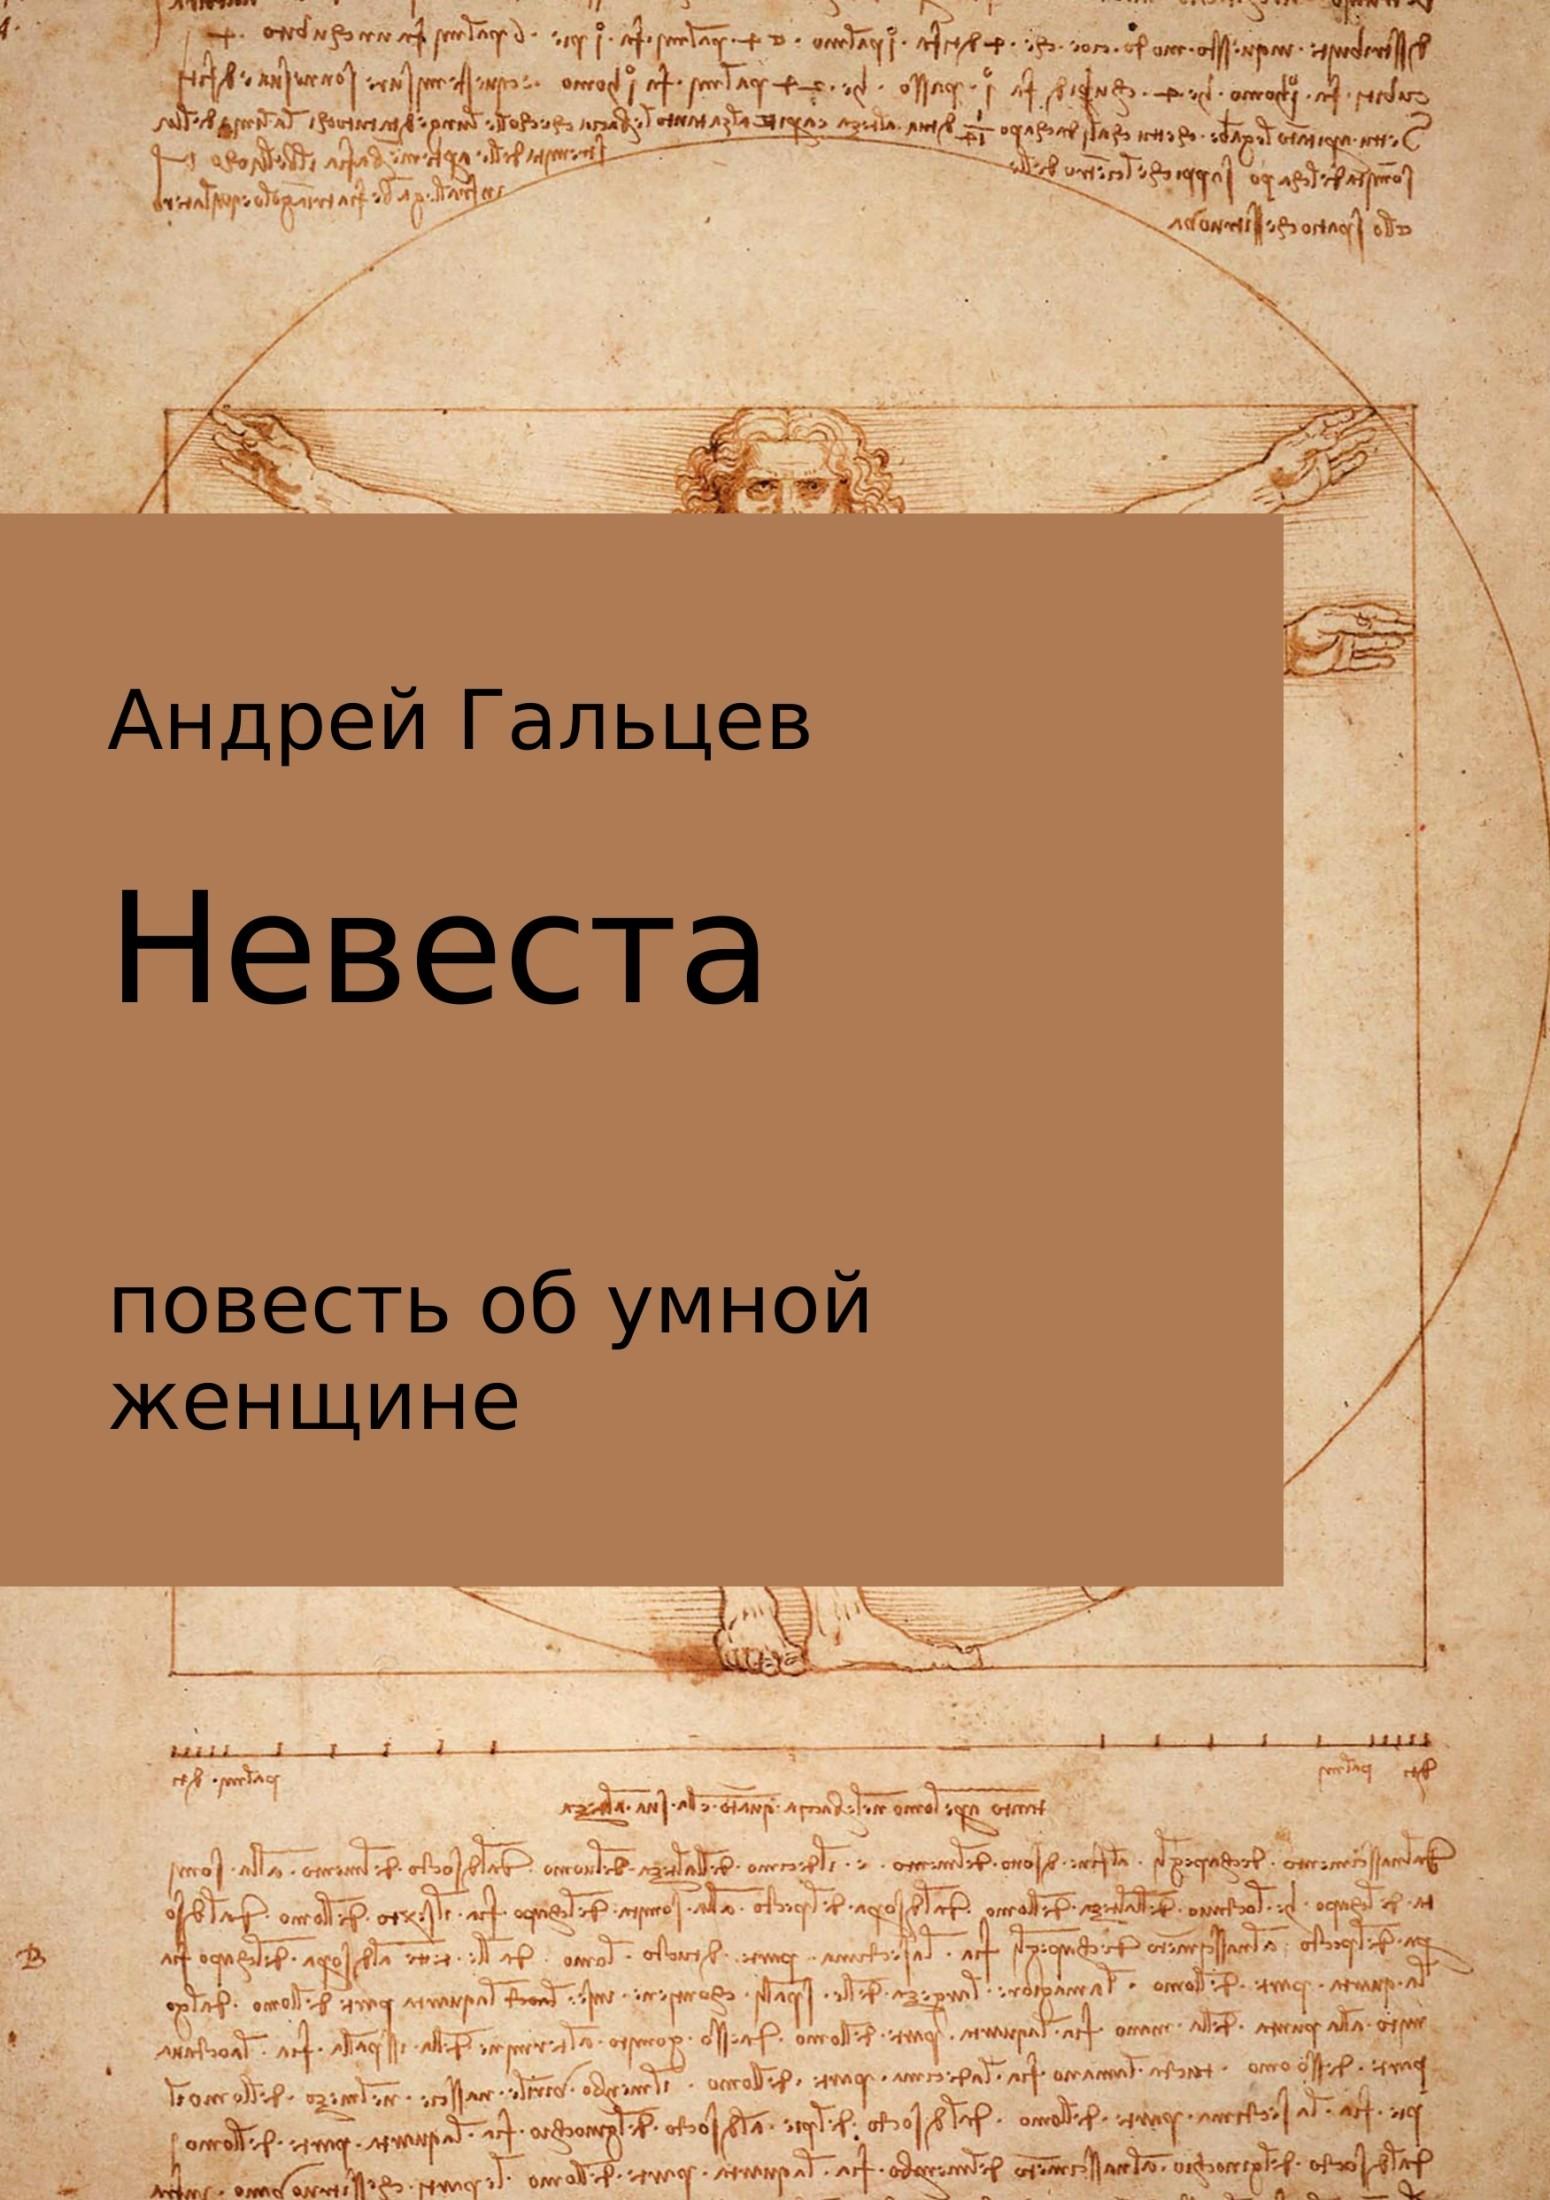 Андрей Феликсович Гальцев Невеста андрей углицких соловьиный день повесть